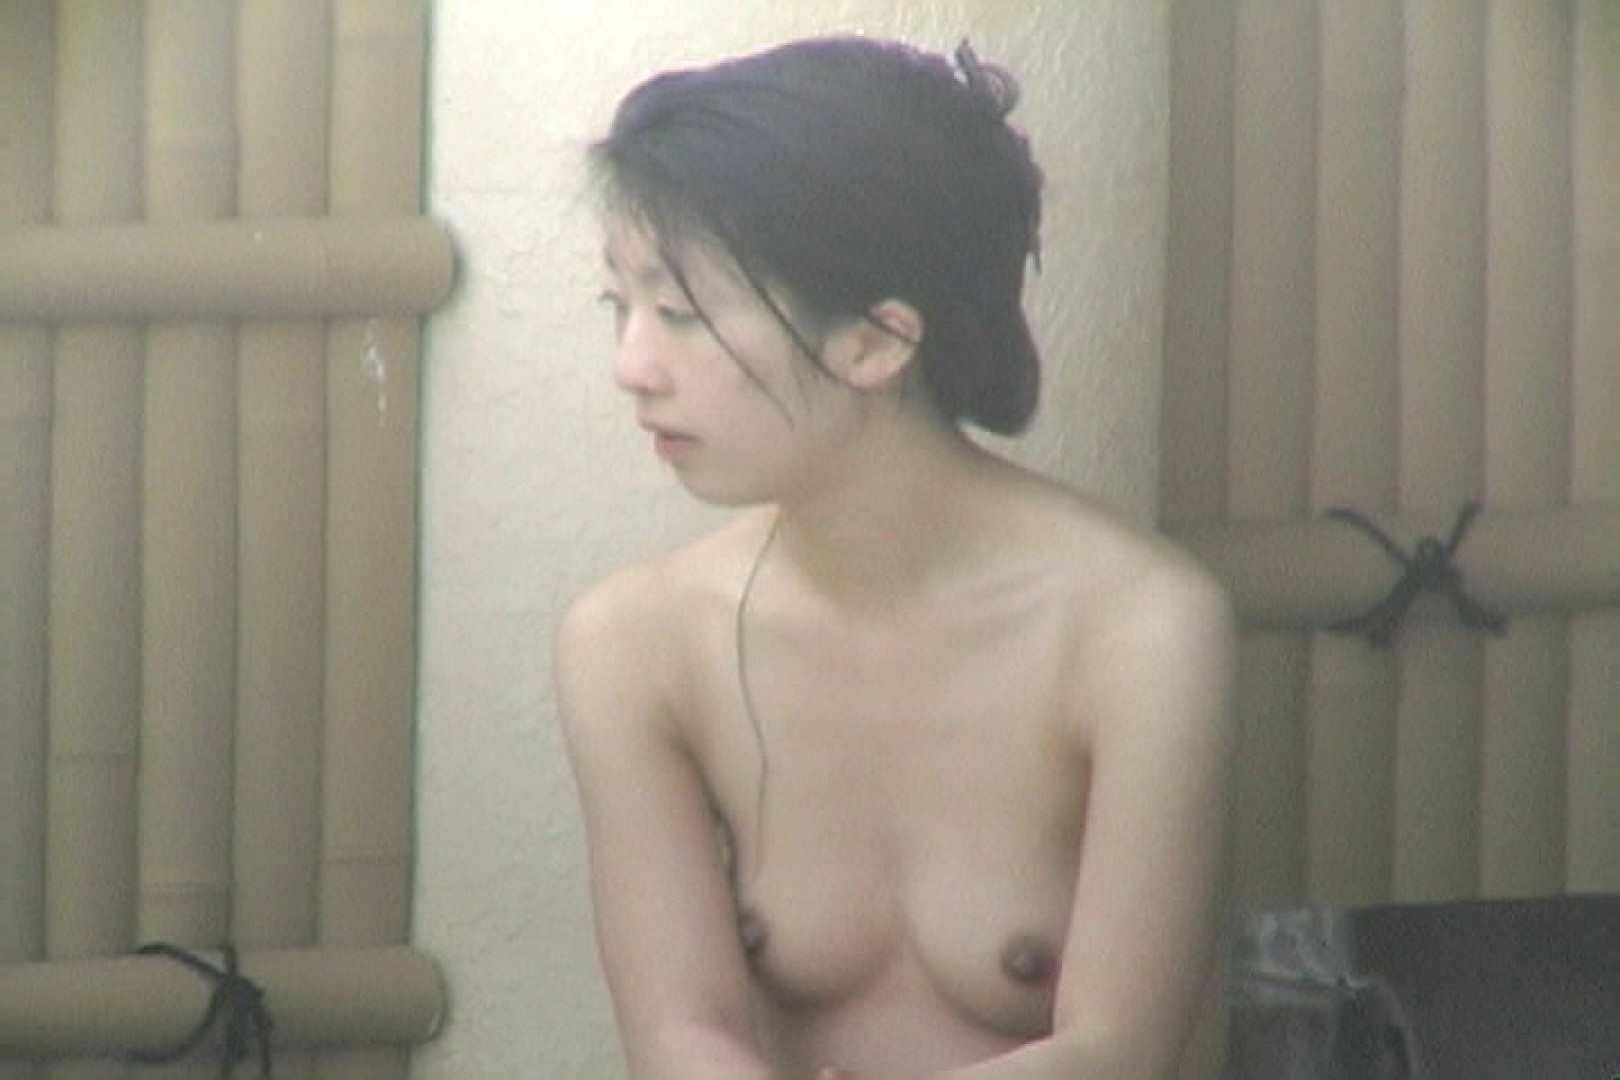 Aquaな露天風呂Vol.31【VIP】 盗撮シリーズ  112PIX 98